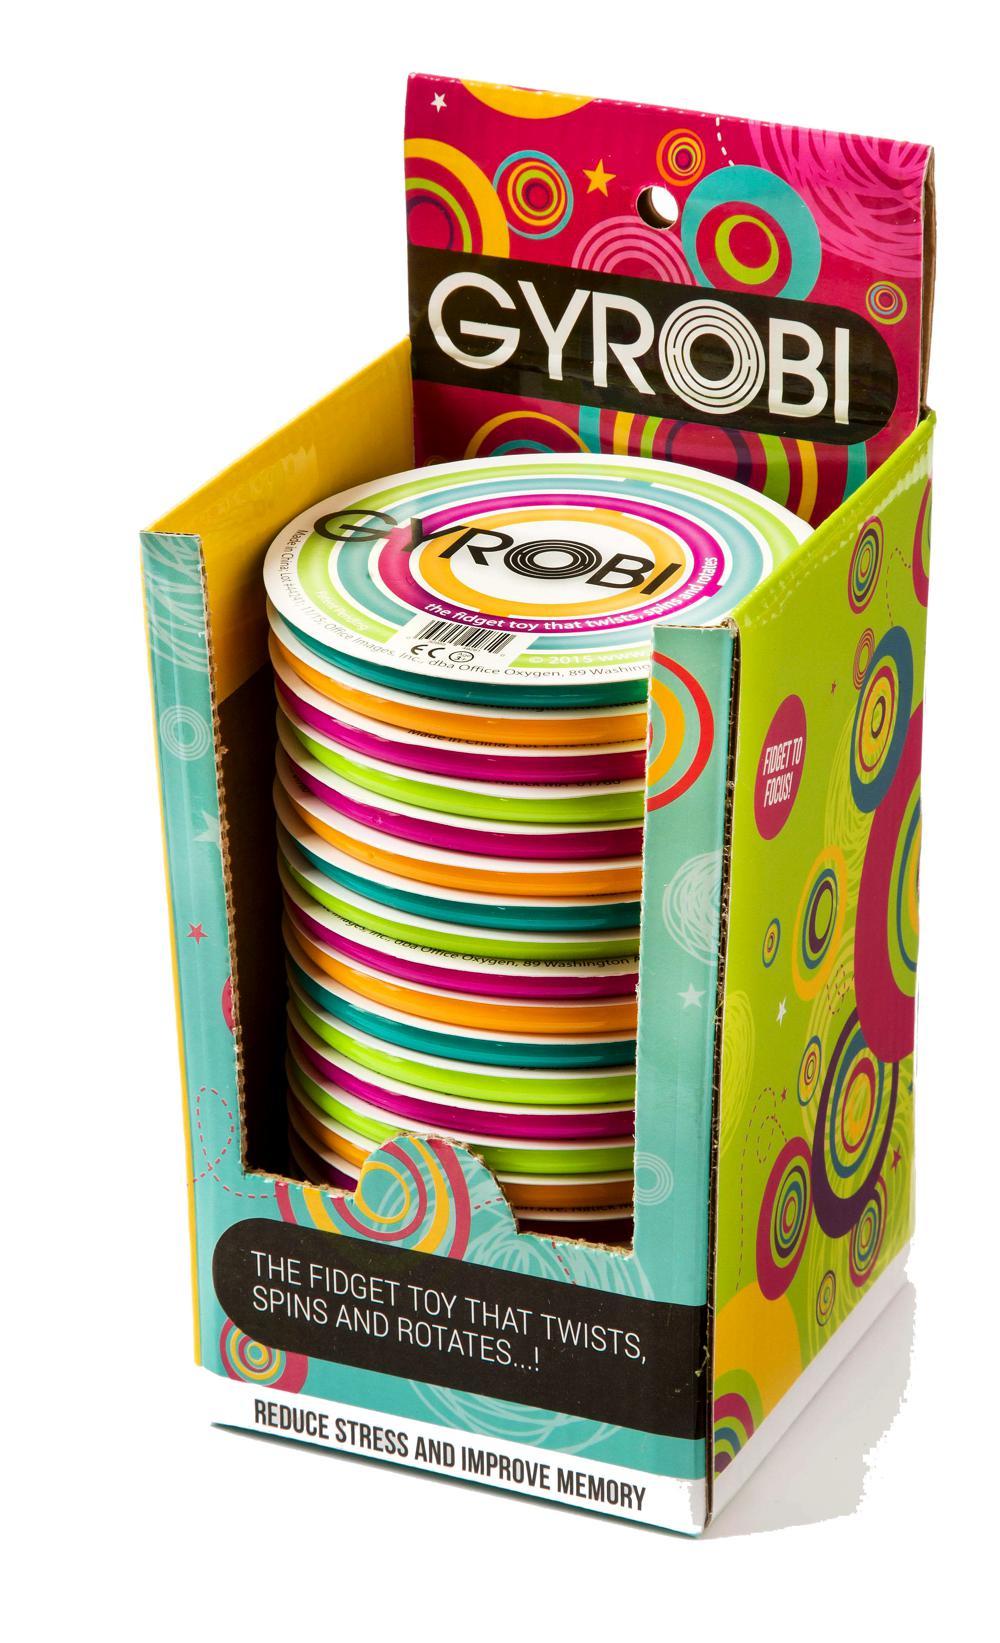 Gyrobi gadget